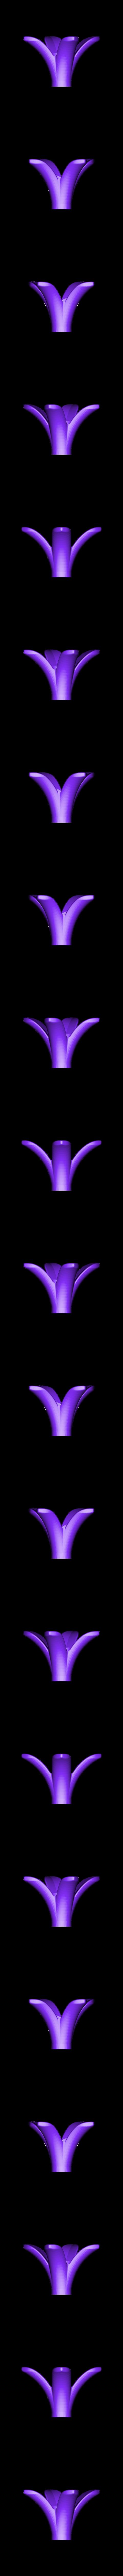 HAUT ANANAS 4.STL Télécharger fichier STL ANANAS • Modèle imprimable en 3D, BOUTIN